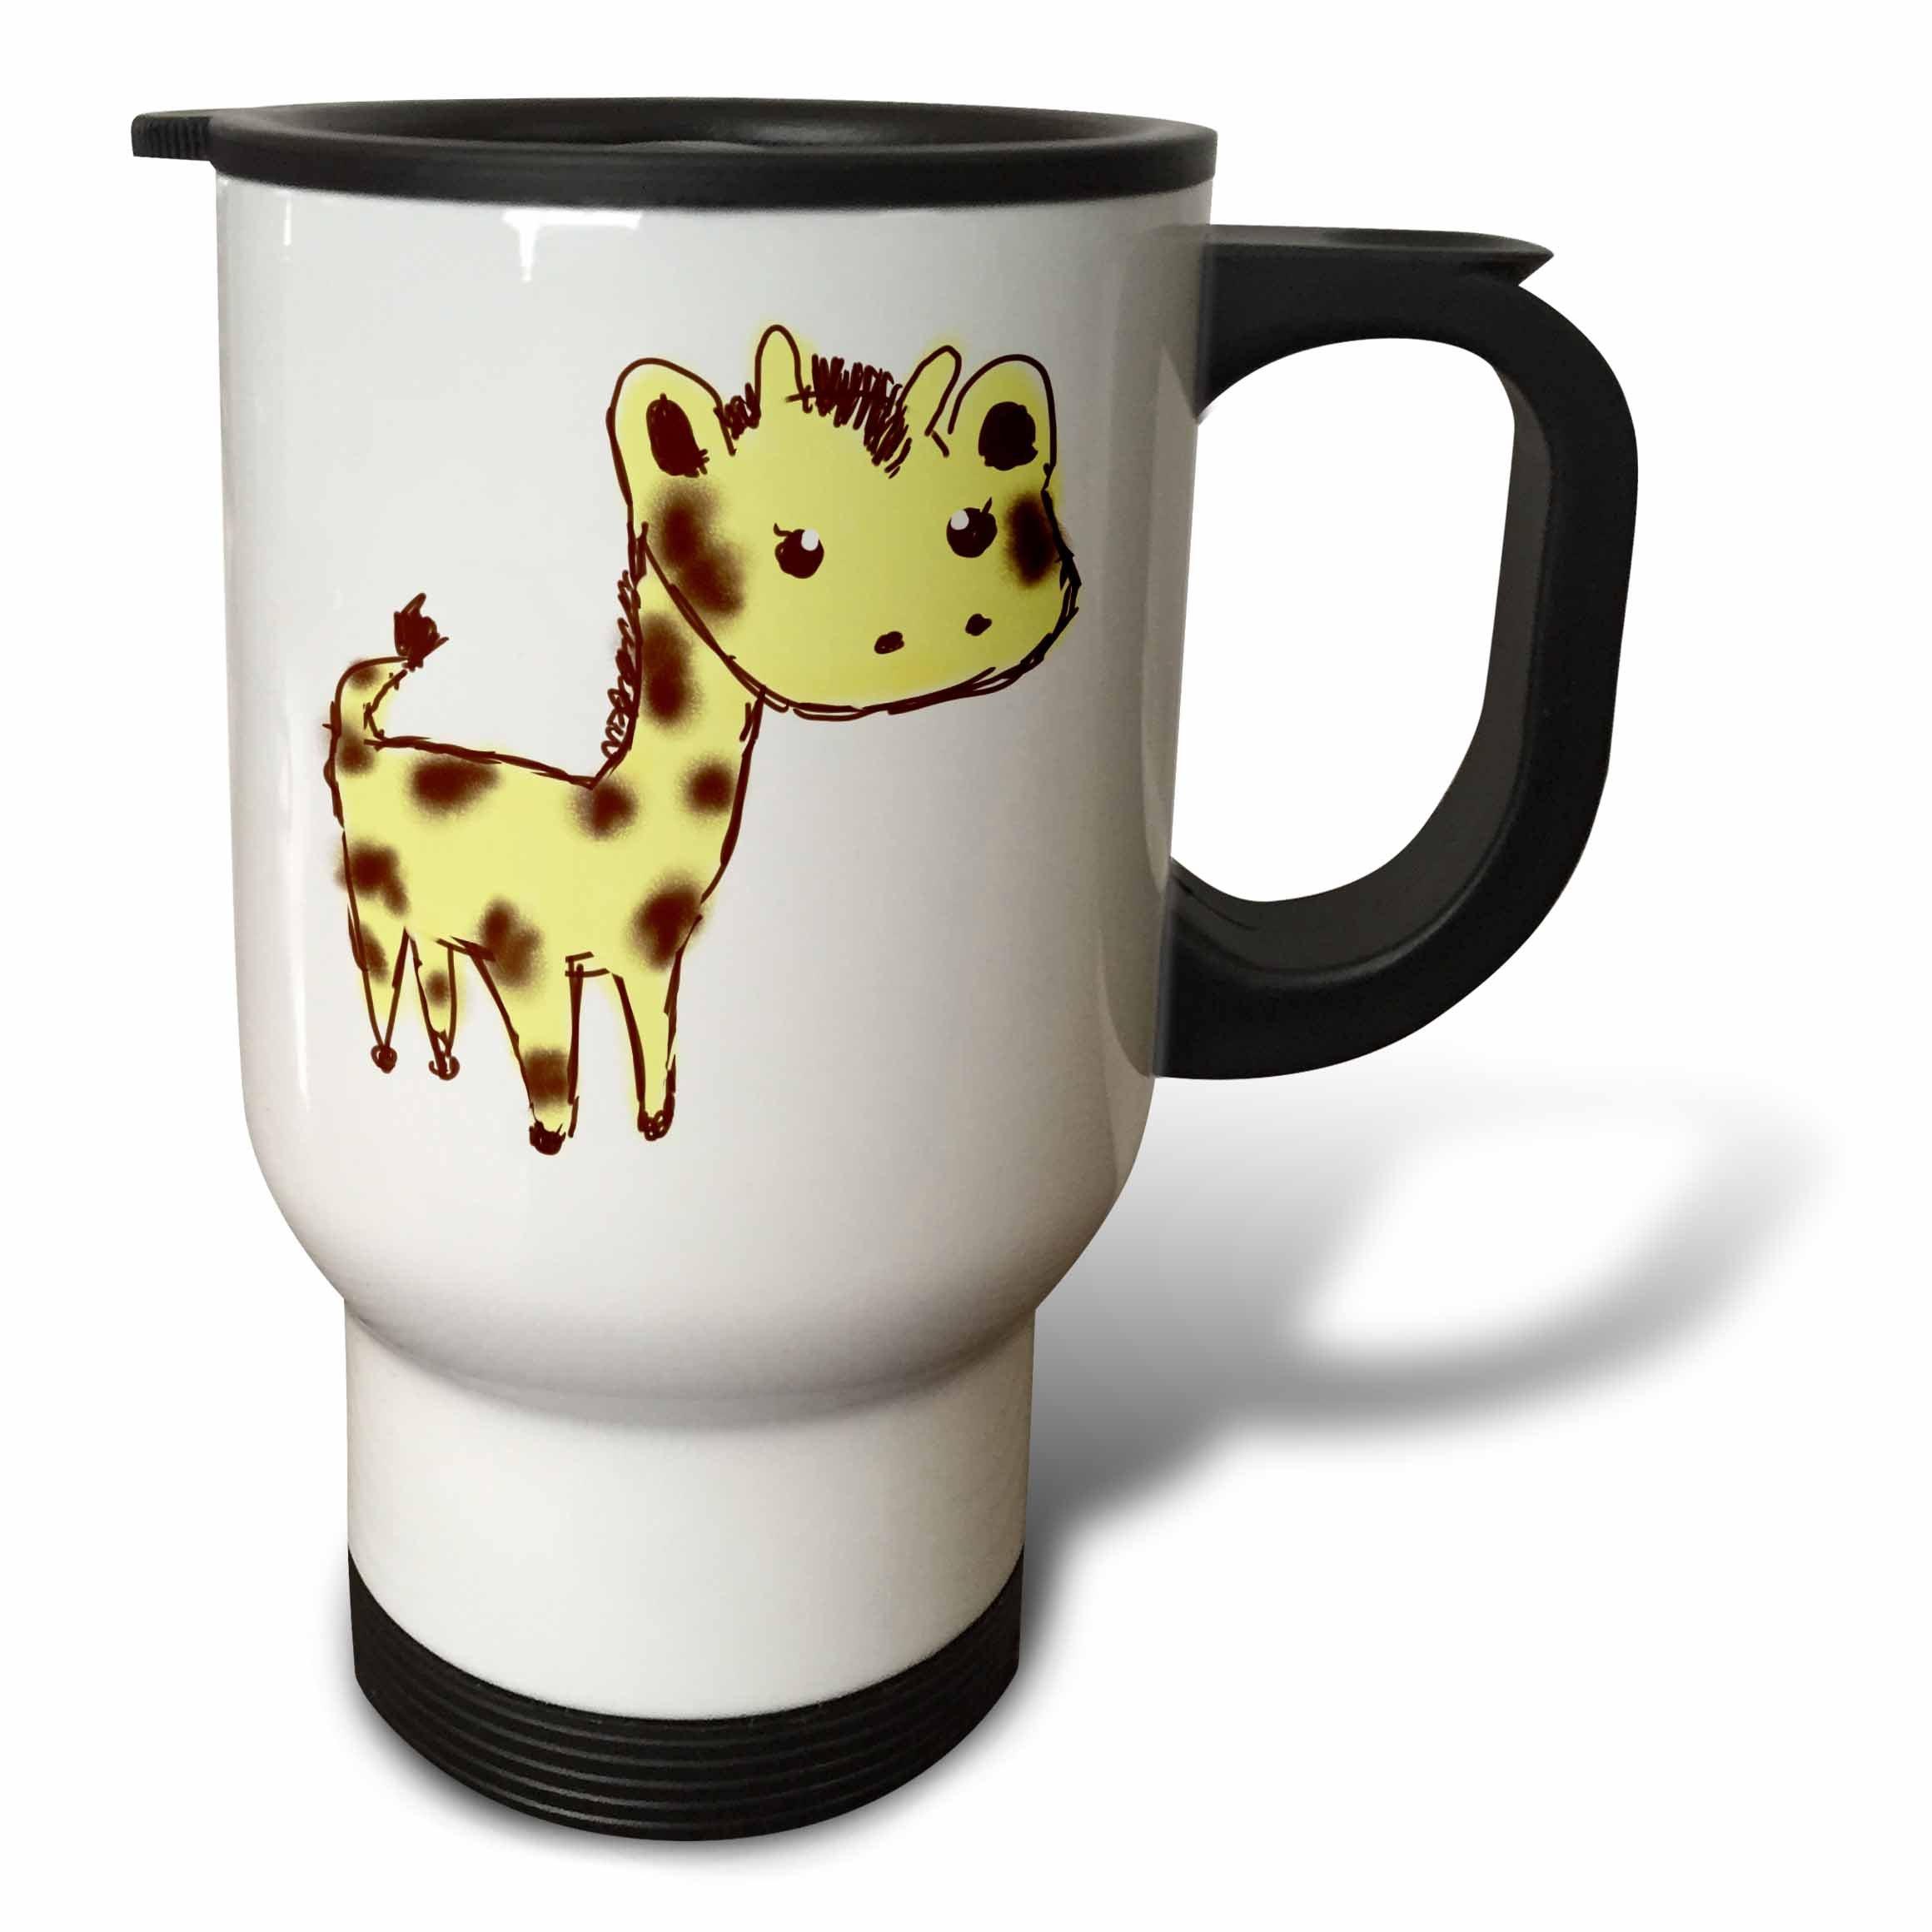 3dRose tm_32765_1 Cute Yellow Giraffe Larger Animals Cartoon Art Travel Mug, 14-Ounce, Stainless Steel